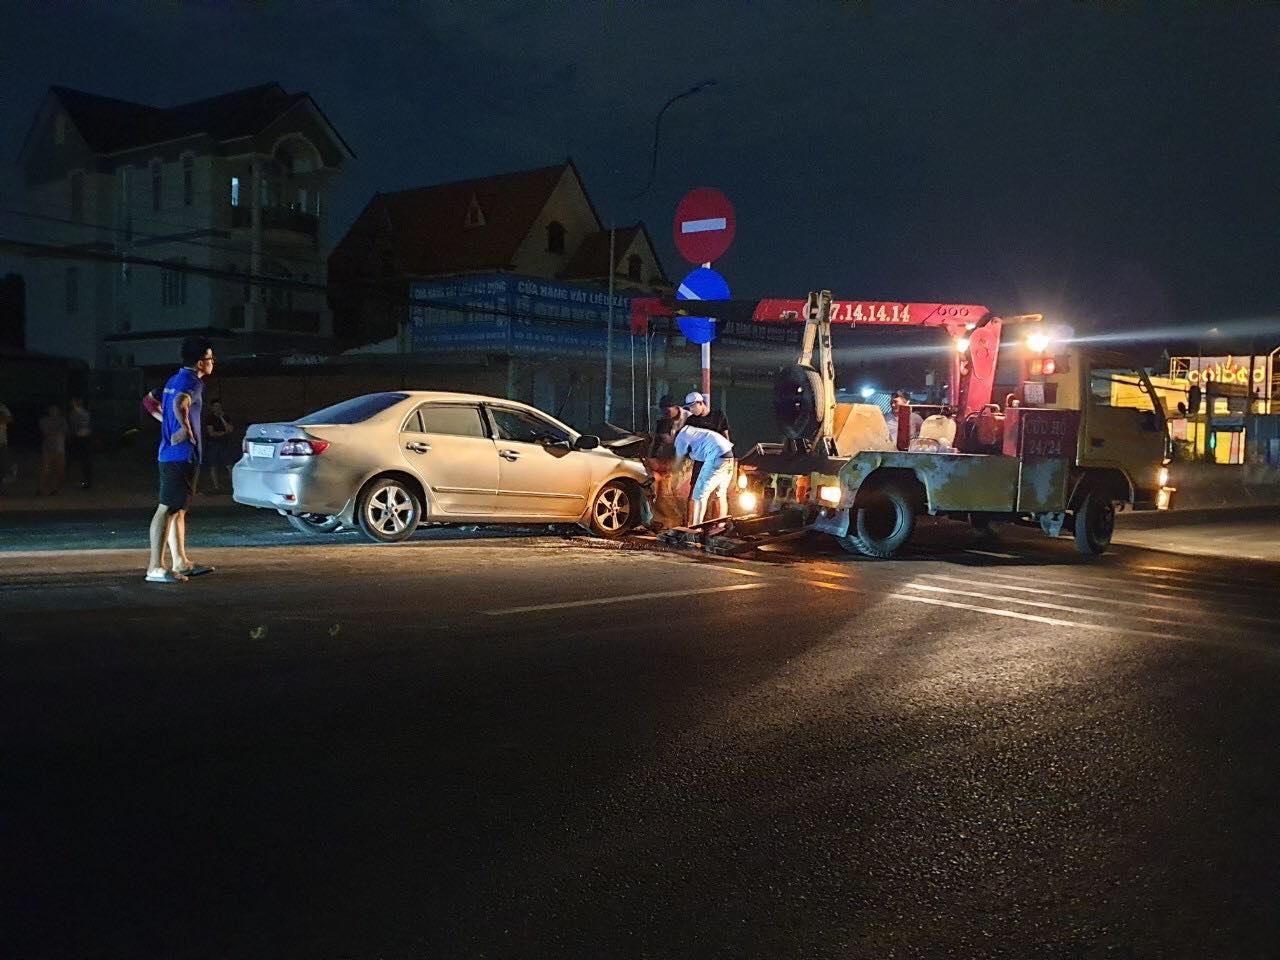 Xe cẩu đưa ô tô gặp nạn rời khỏi hiện trường